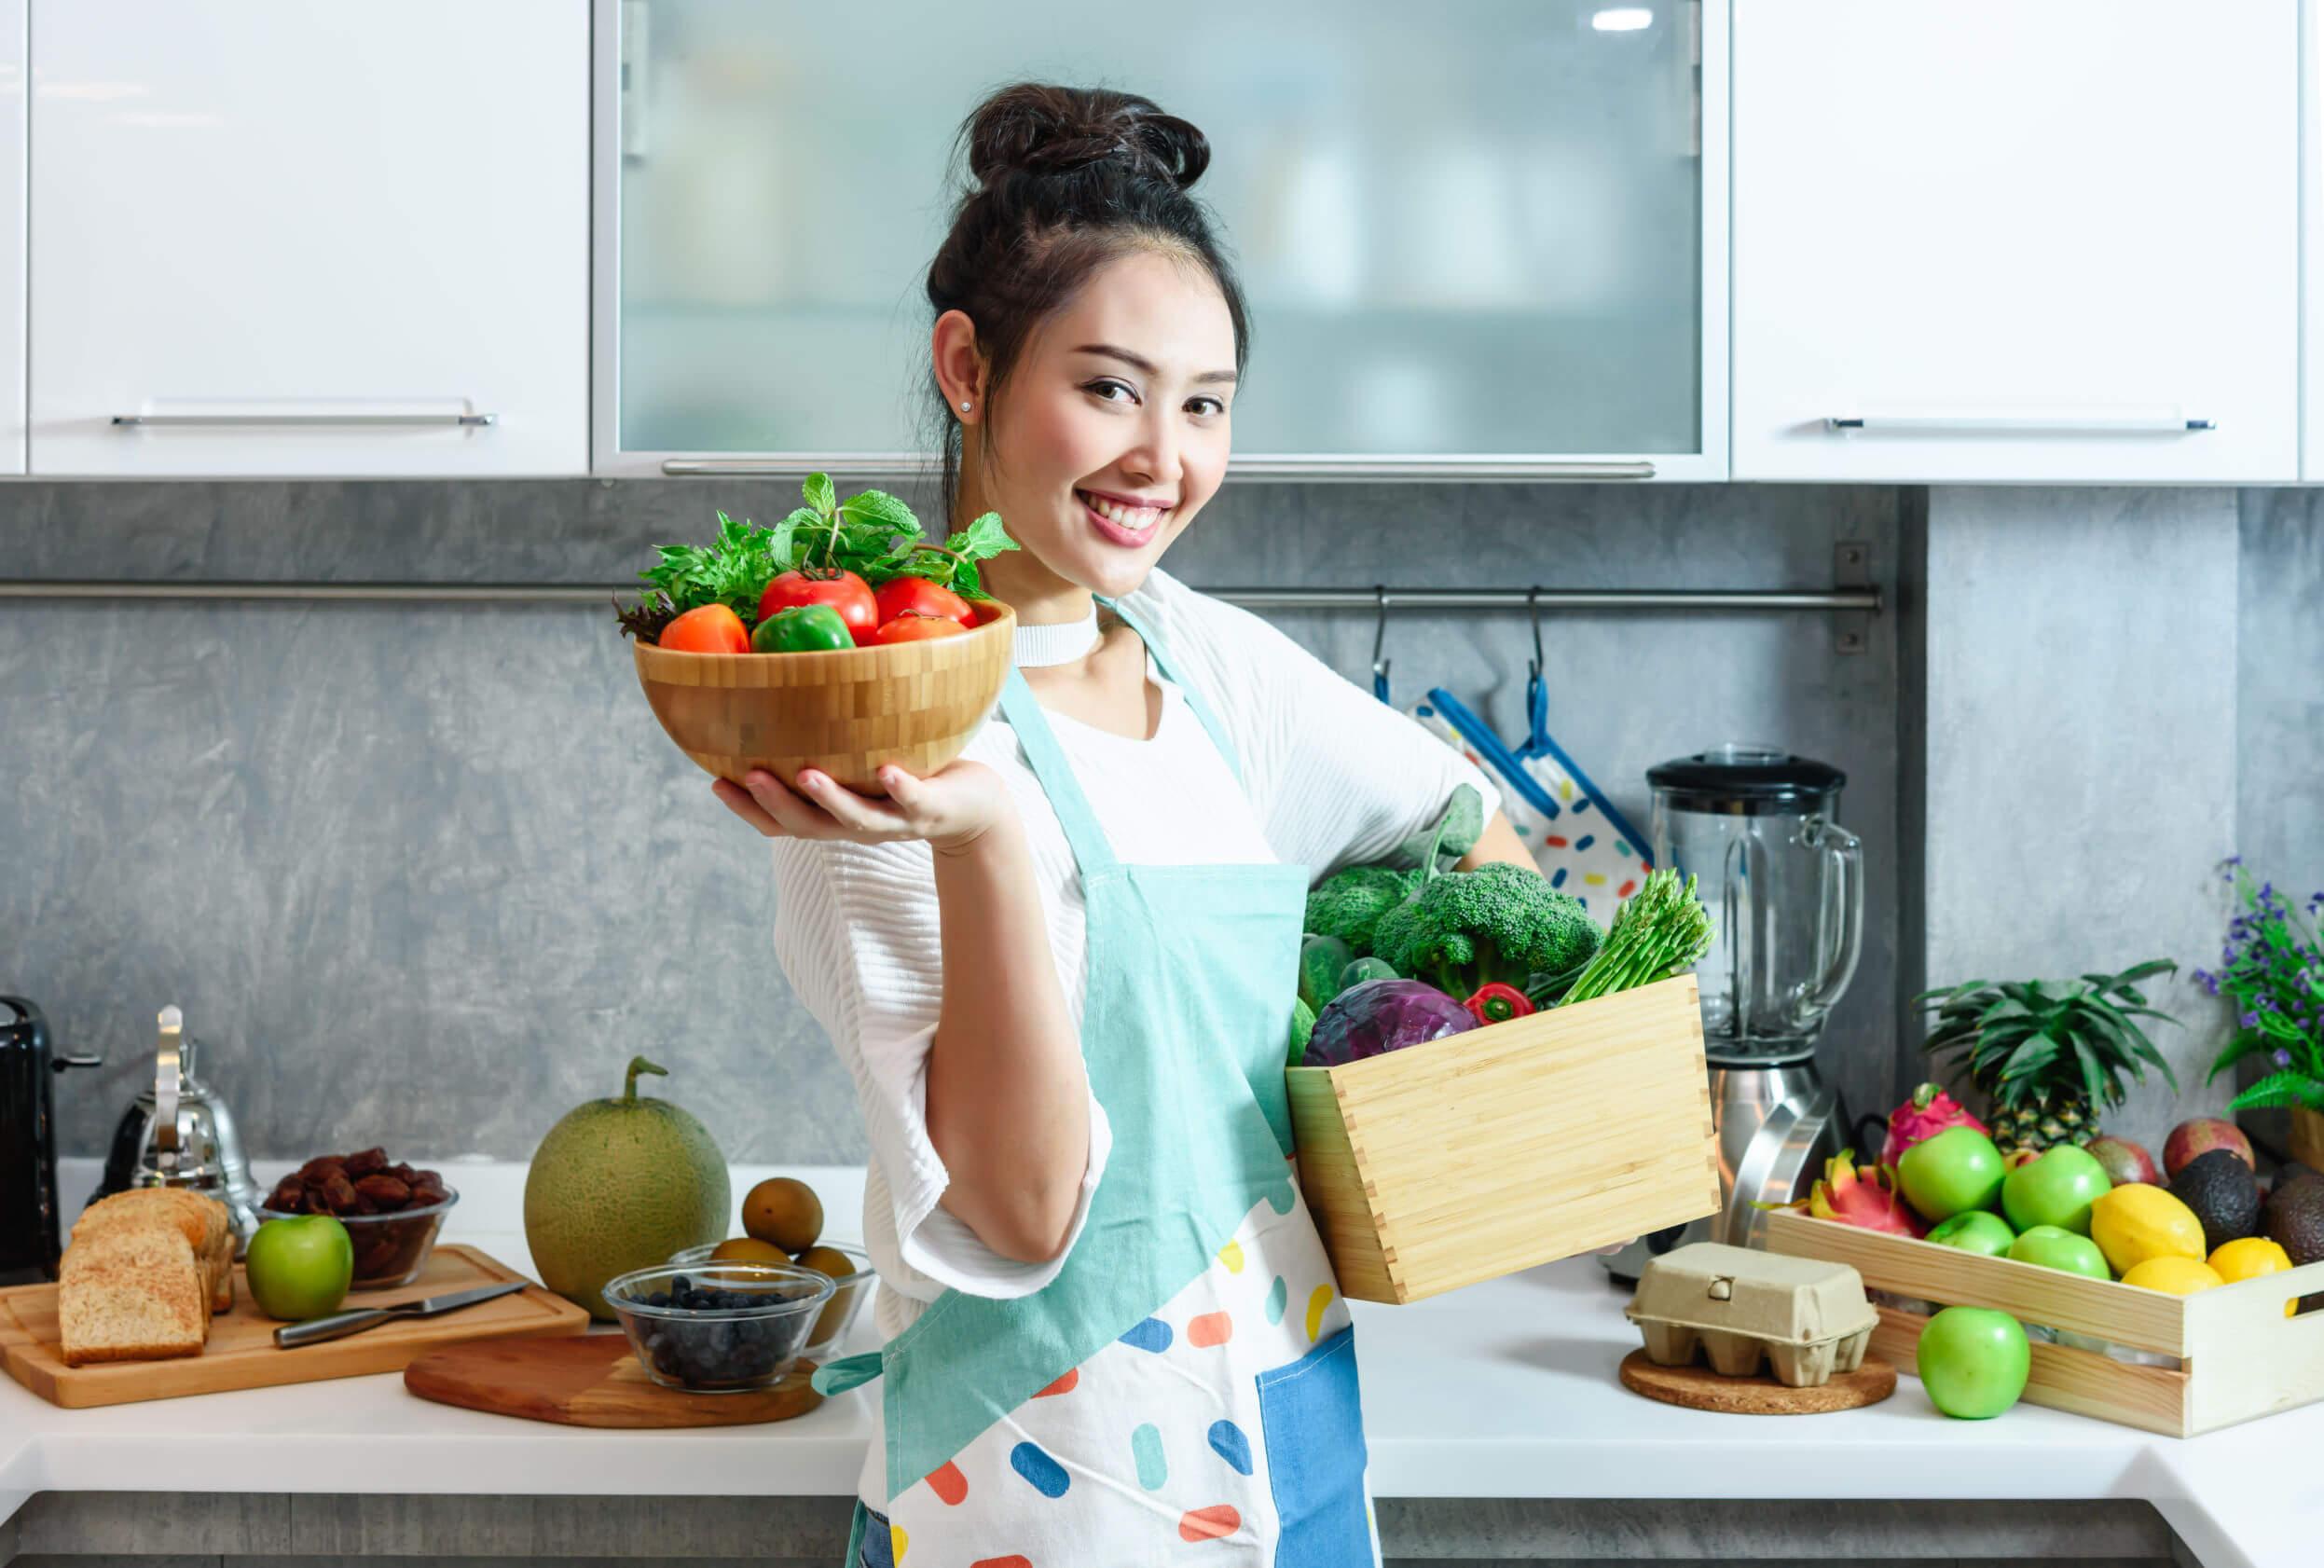 Adelgazar saludablemente si se cuida bien la dieta.